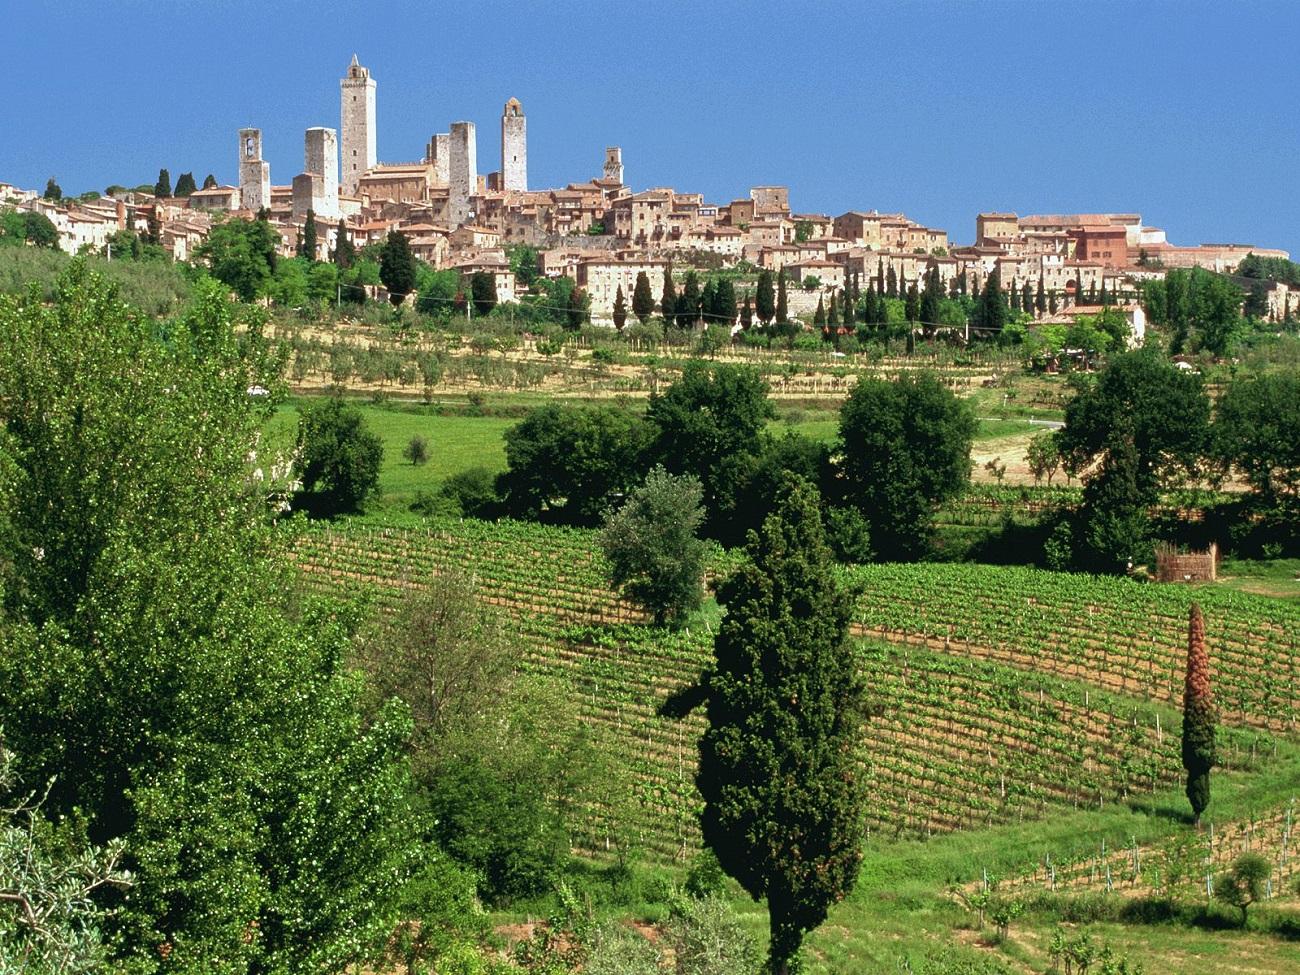 Dealurile din jurul regiunii San Gimignano sunt cultivate cu viţă de vie